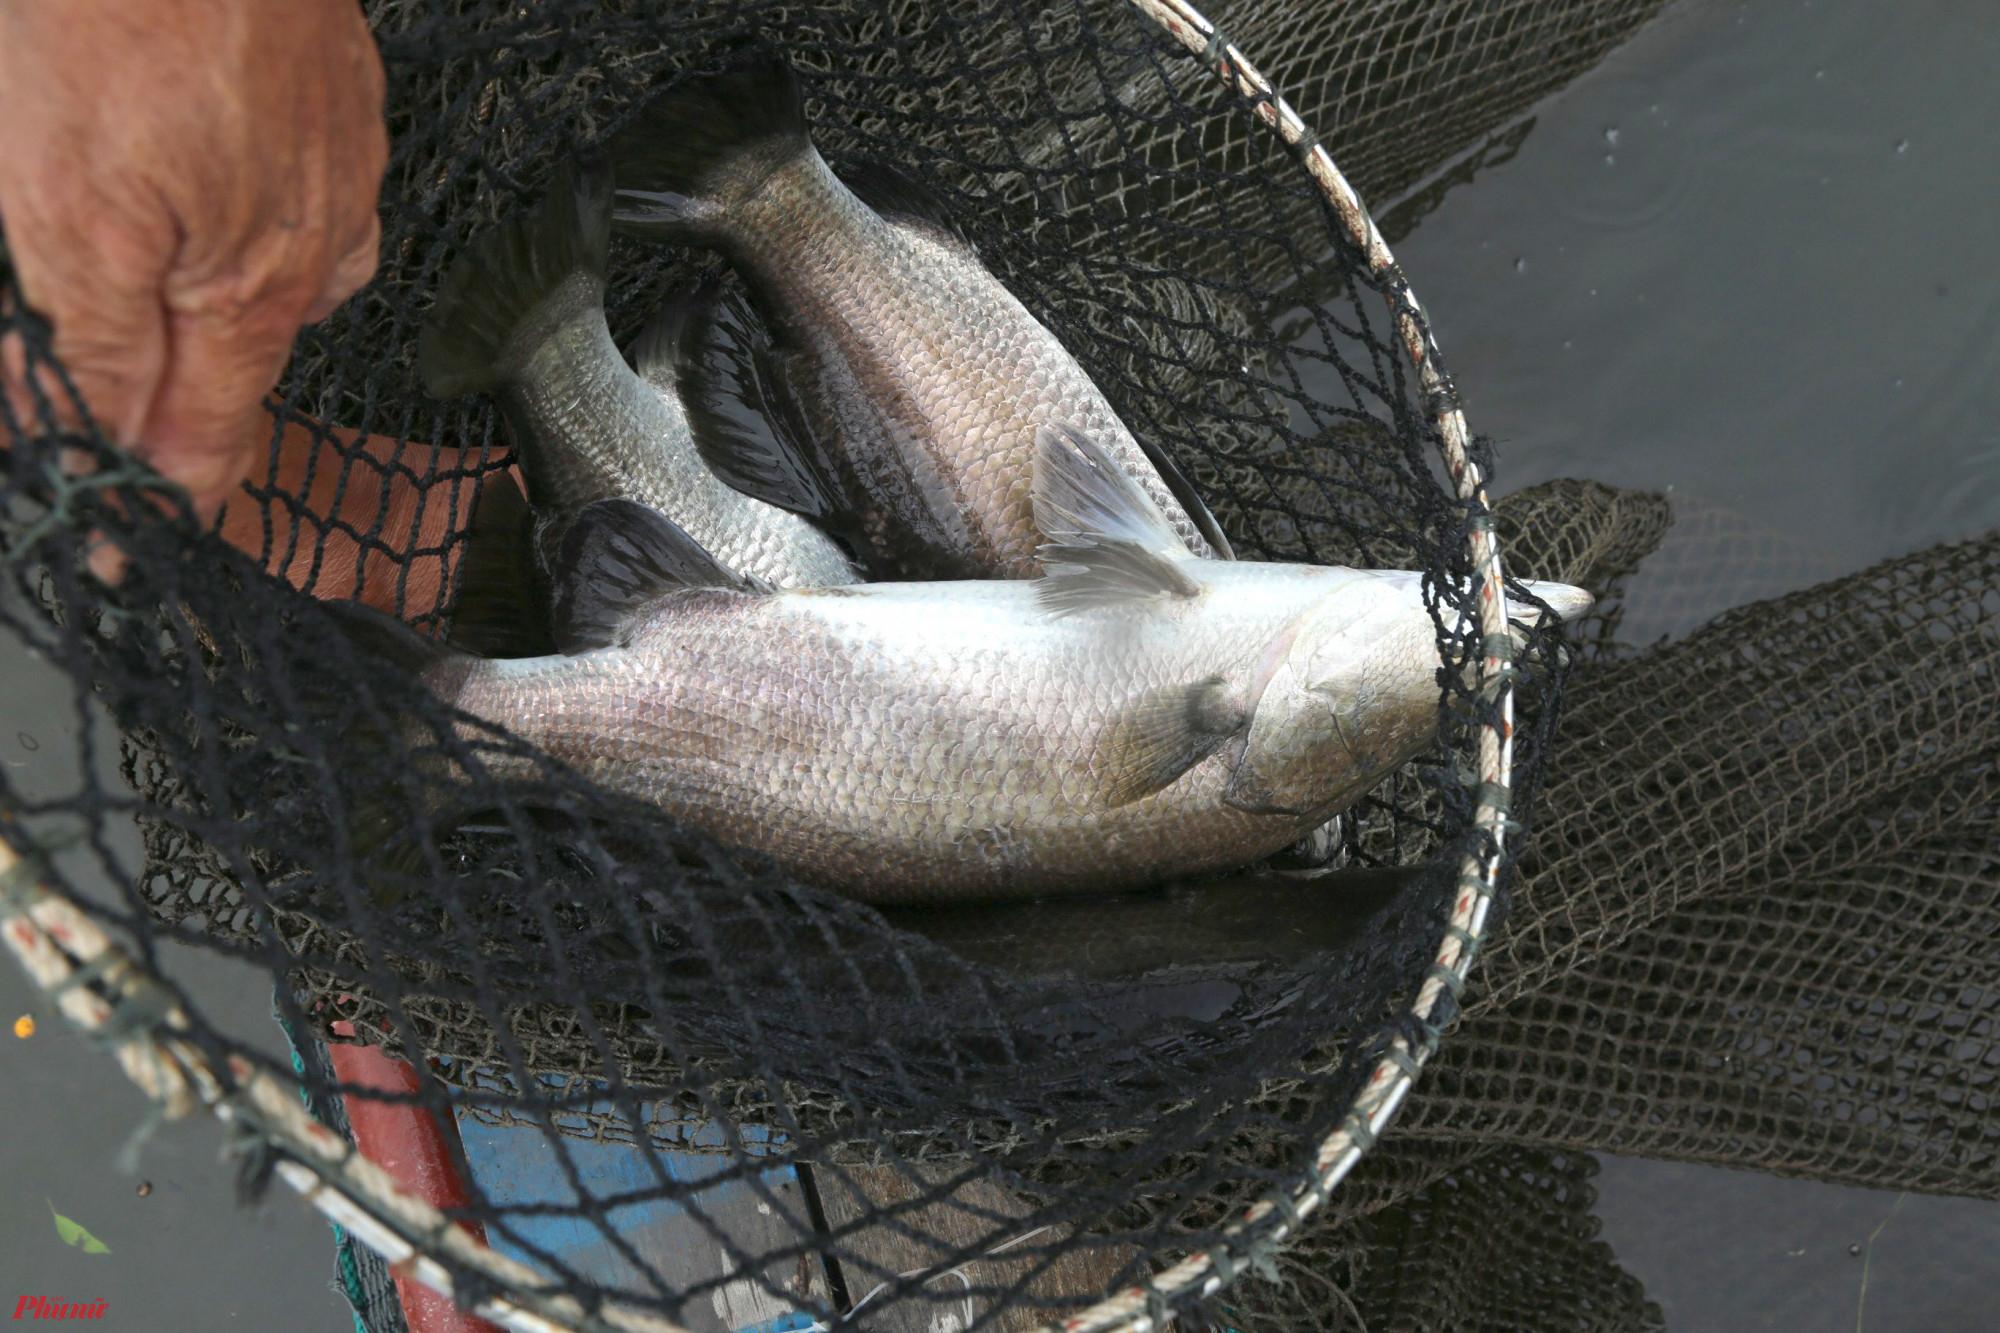 Cá hồng mỹ, cá dược đạt trọng lượng 1kg mỗi con sau gần 1 năm nuôi